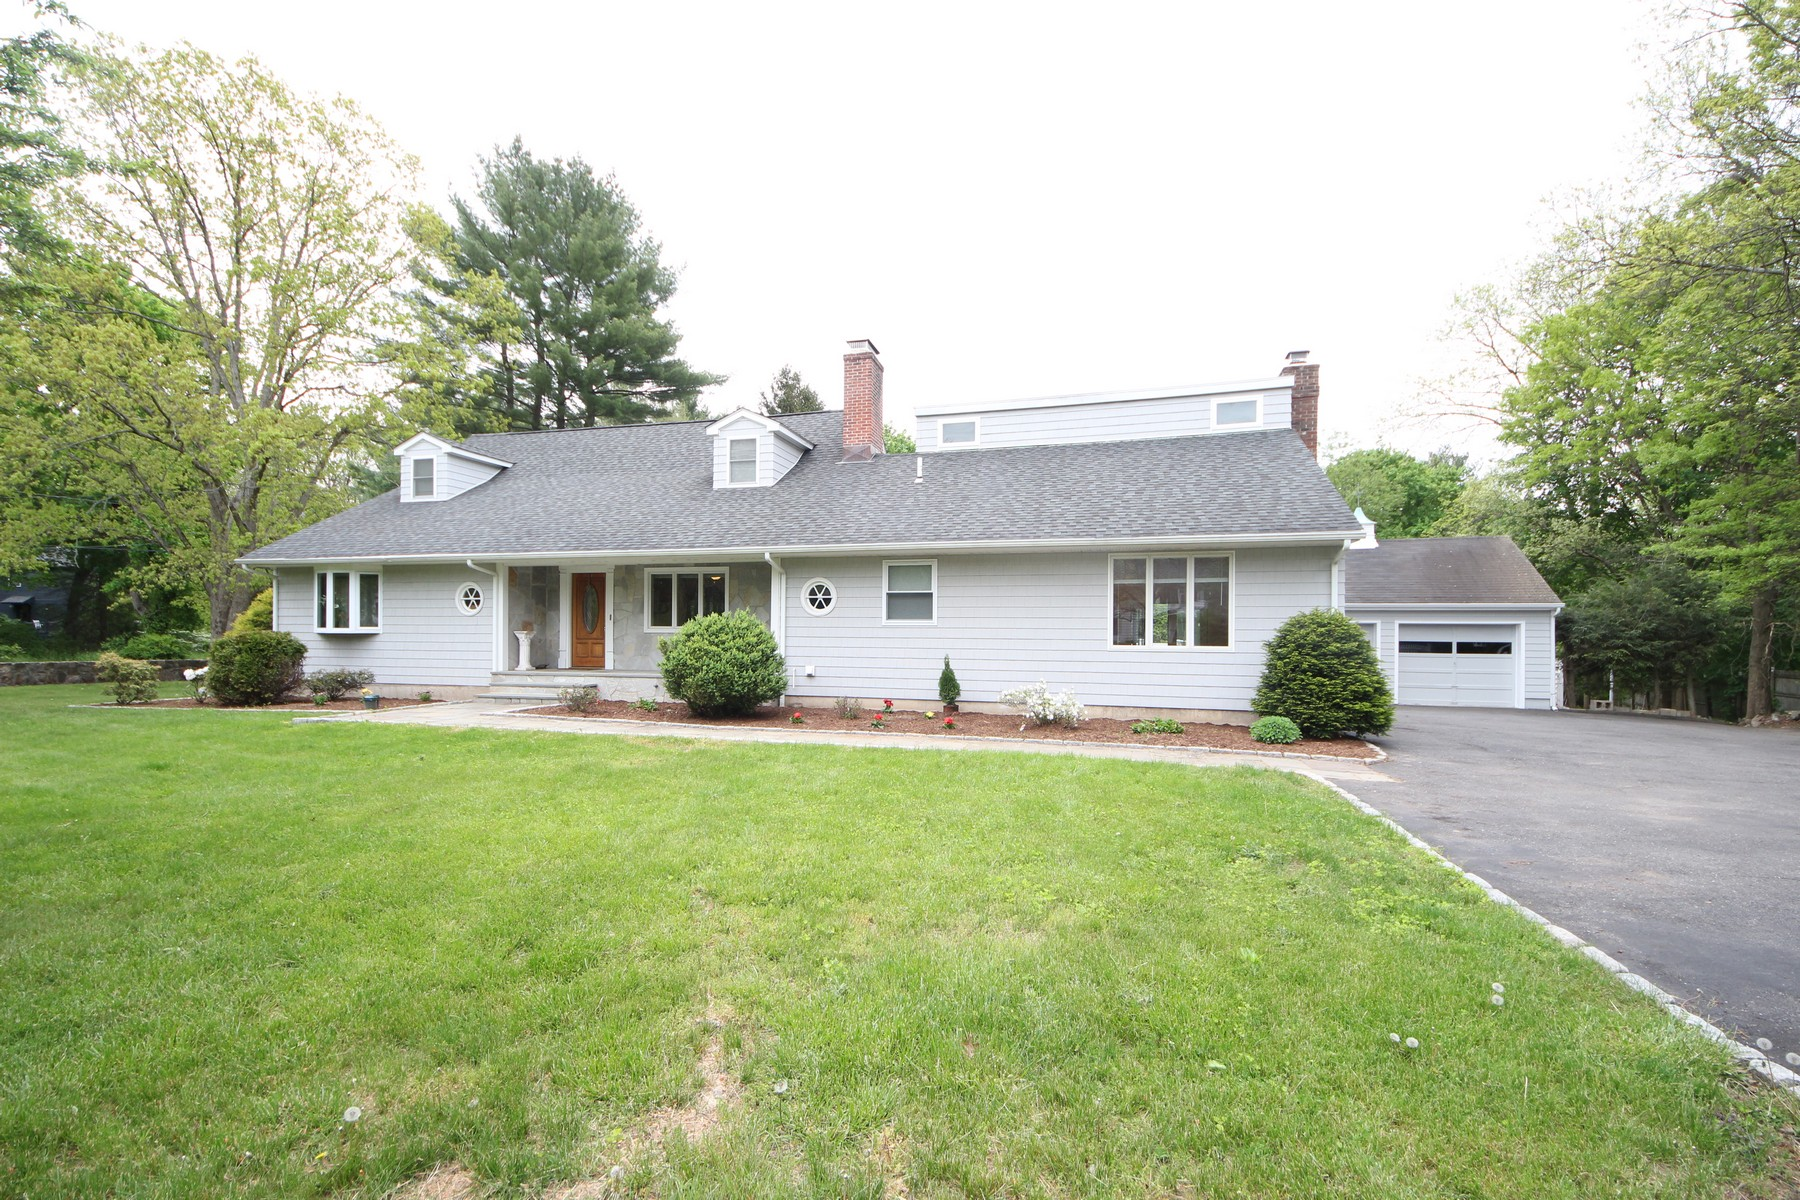 独户住宅 为 销售 在 Suburban Living At Its Best 267 Fillow Street 诺瓦克, 康涅狄格州, 06850 美国